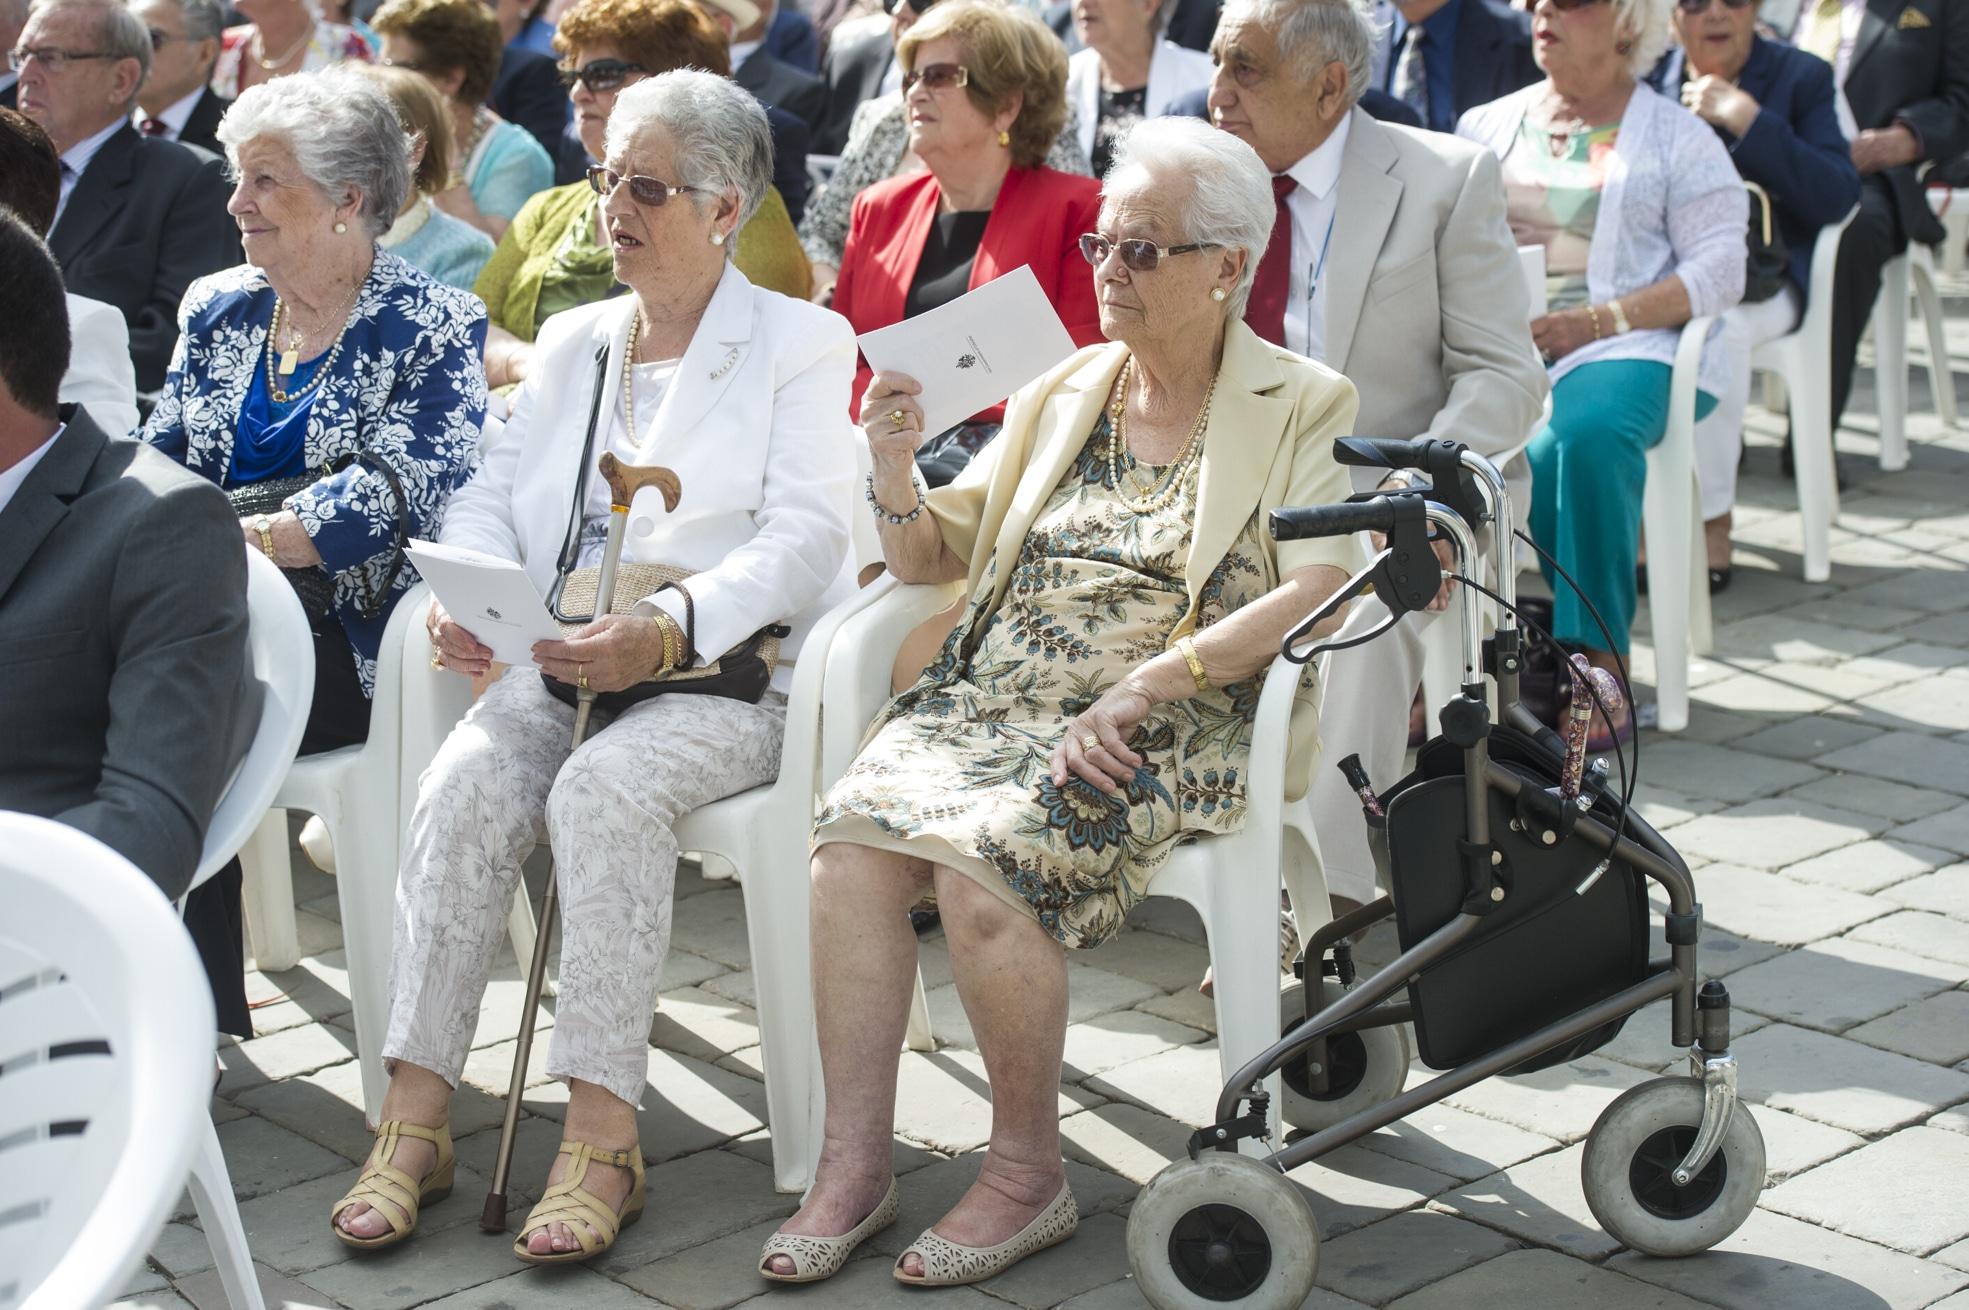 ceremonia-75-anos-evacuacion-gibraltar-22052015-30_17968789076_o